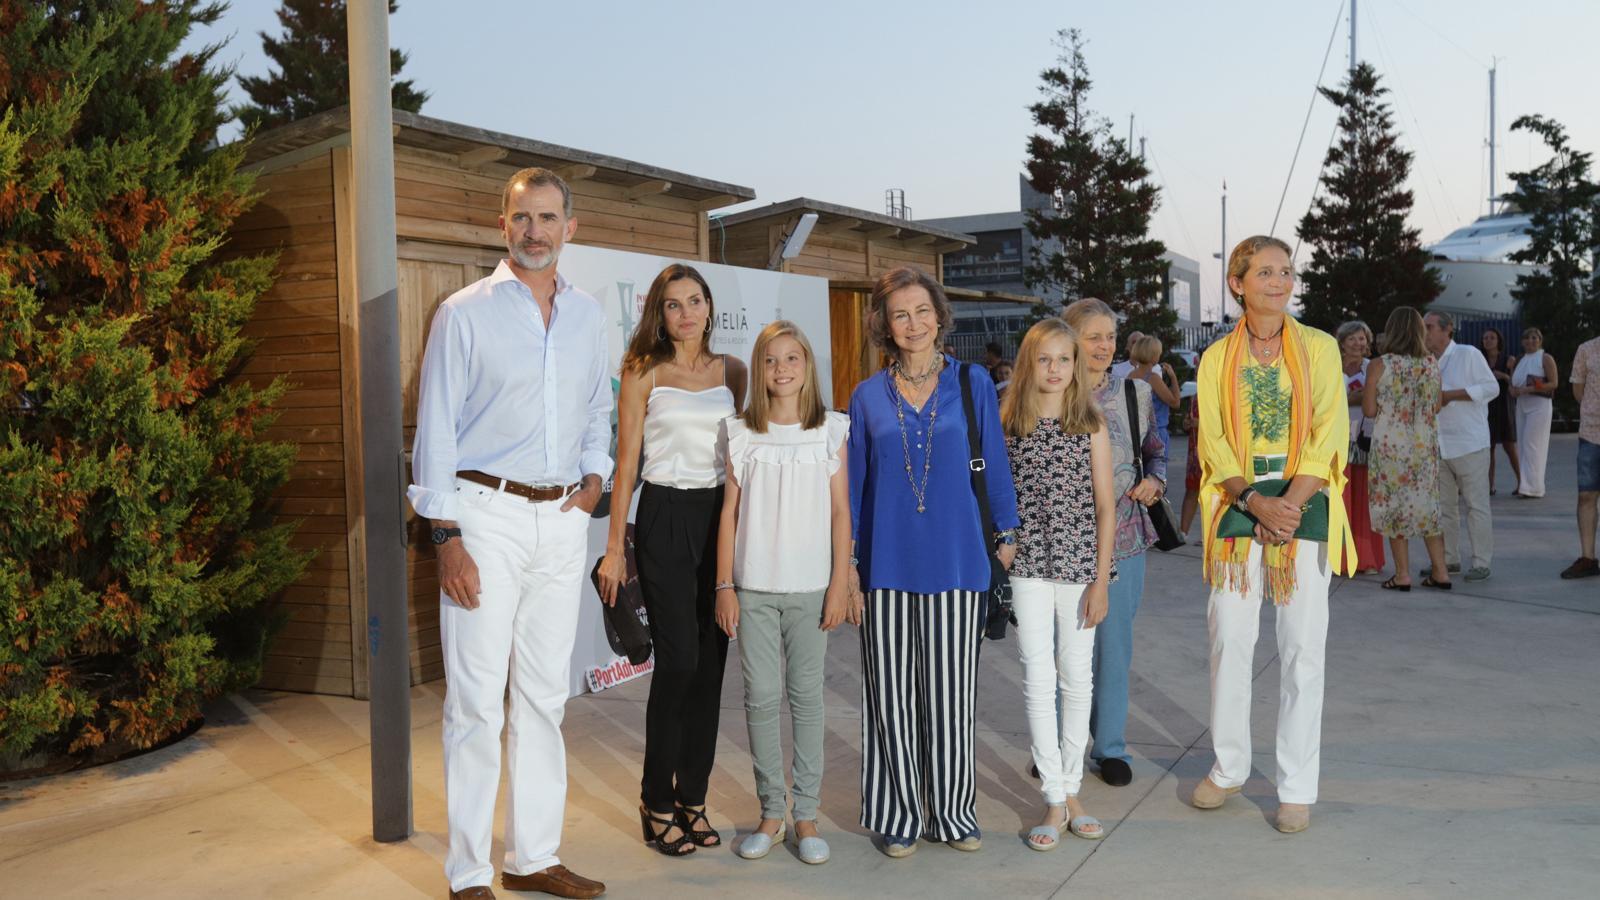 La família reial al concert del violinista Ara Malikian./ ISAAC BUJ